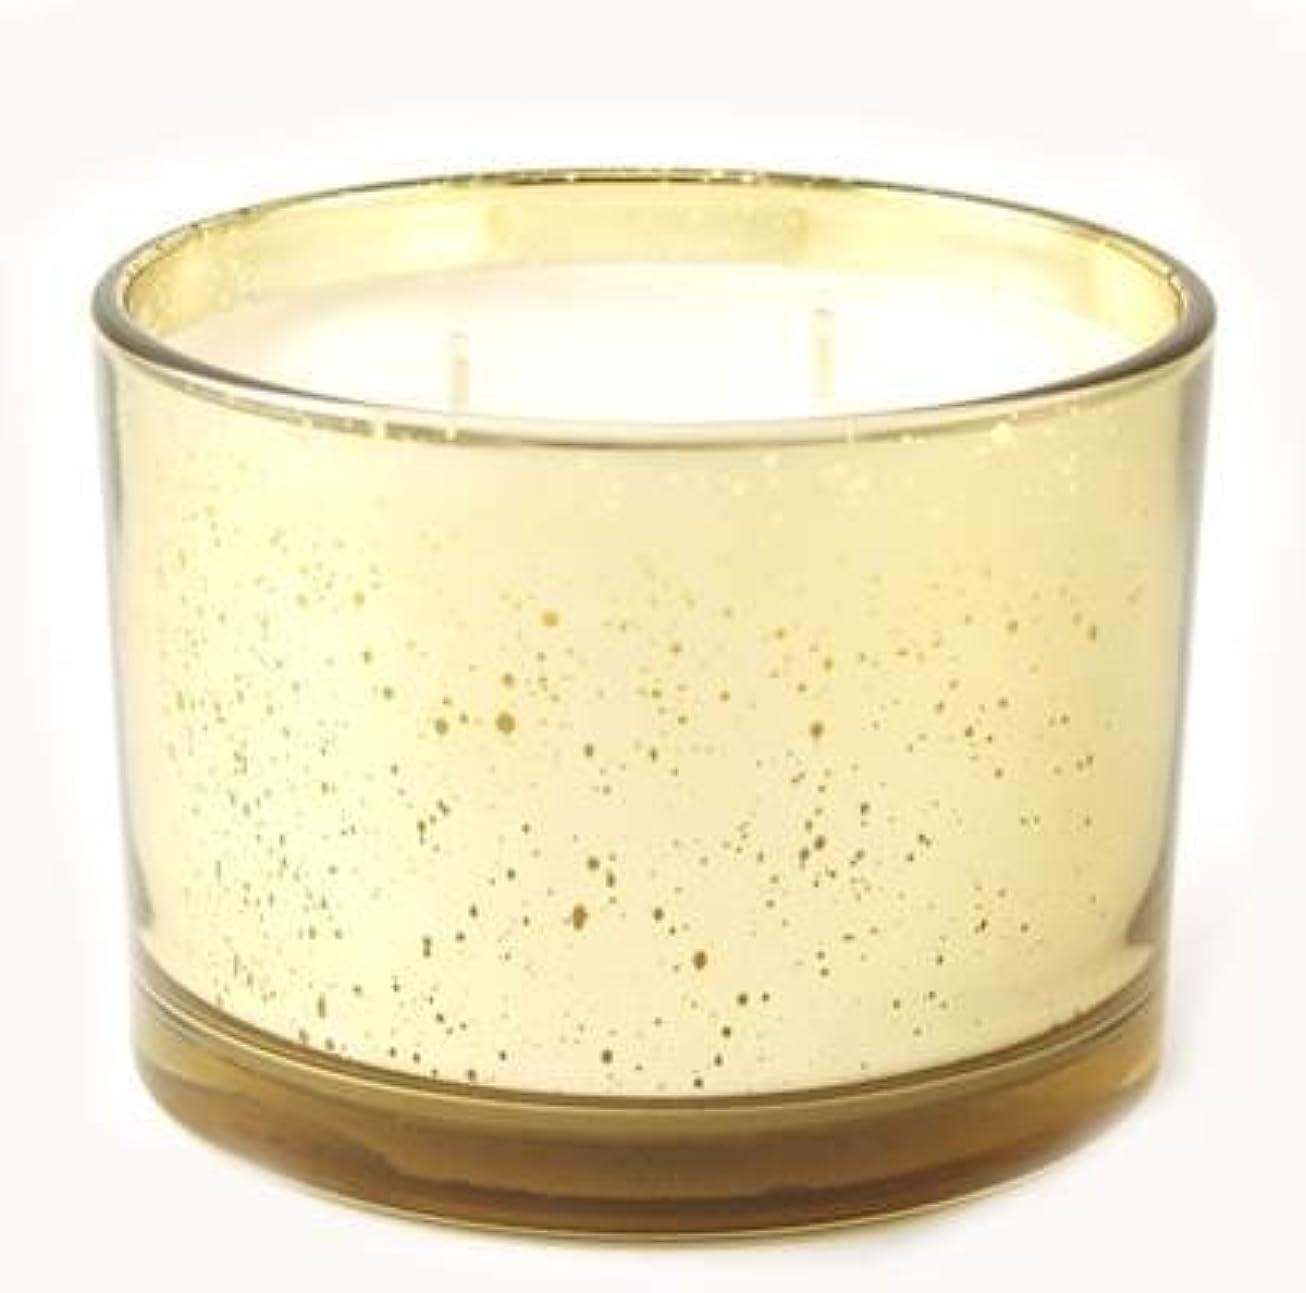 無臭信者限られたアイコンTyler Statureゴールドonゴールド16oz香りつきJar Candle